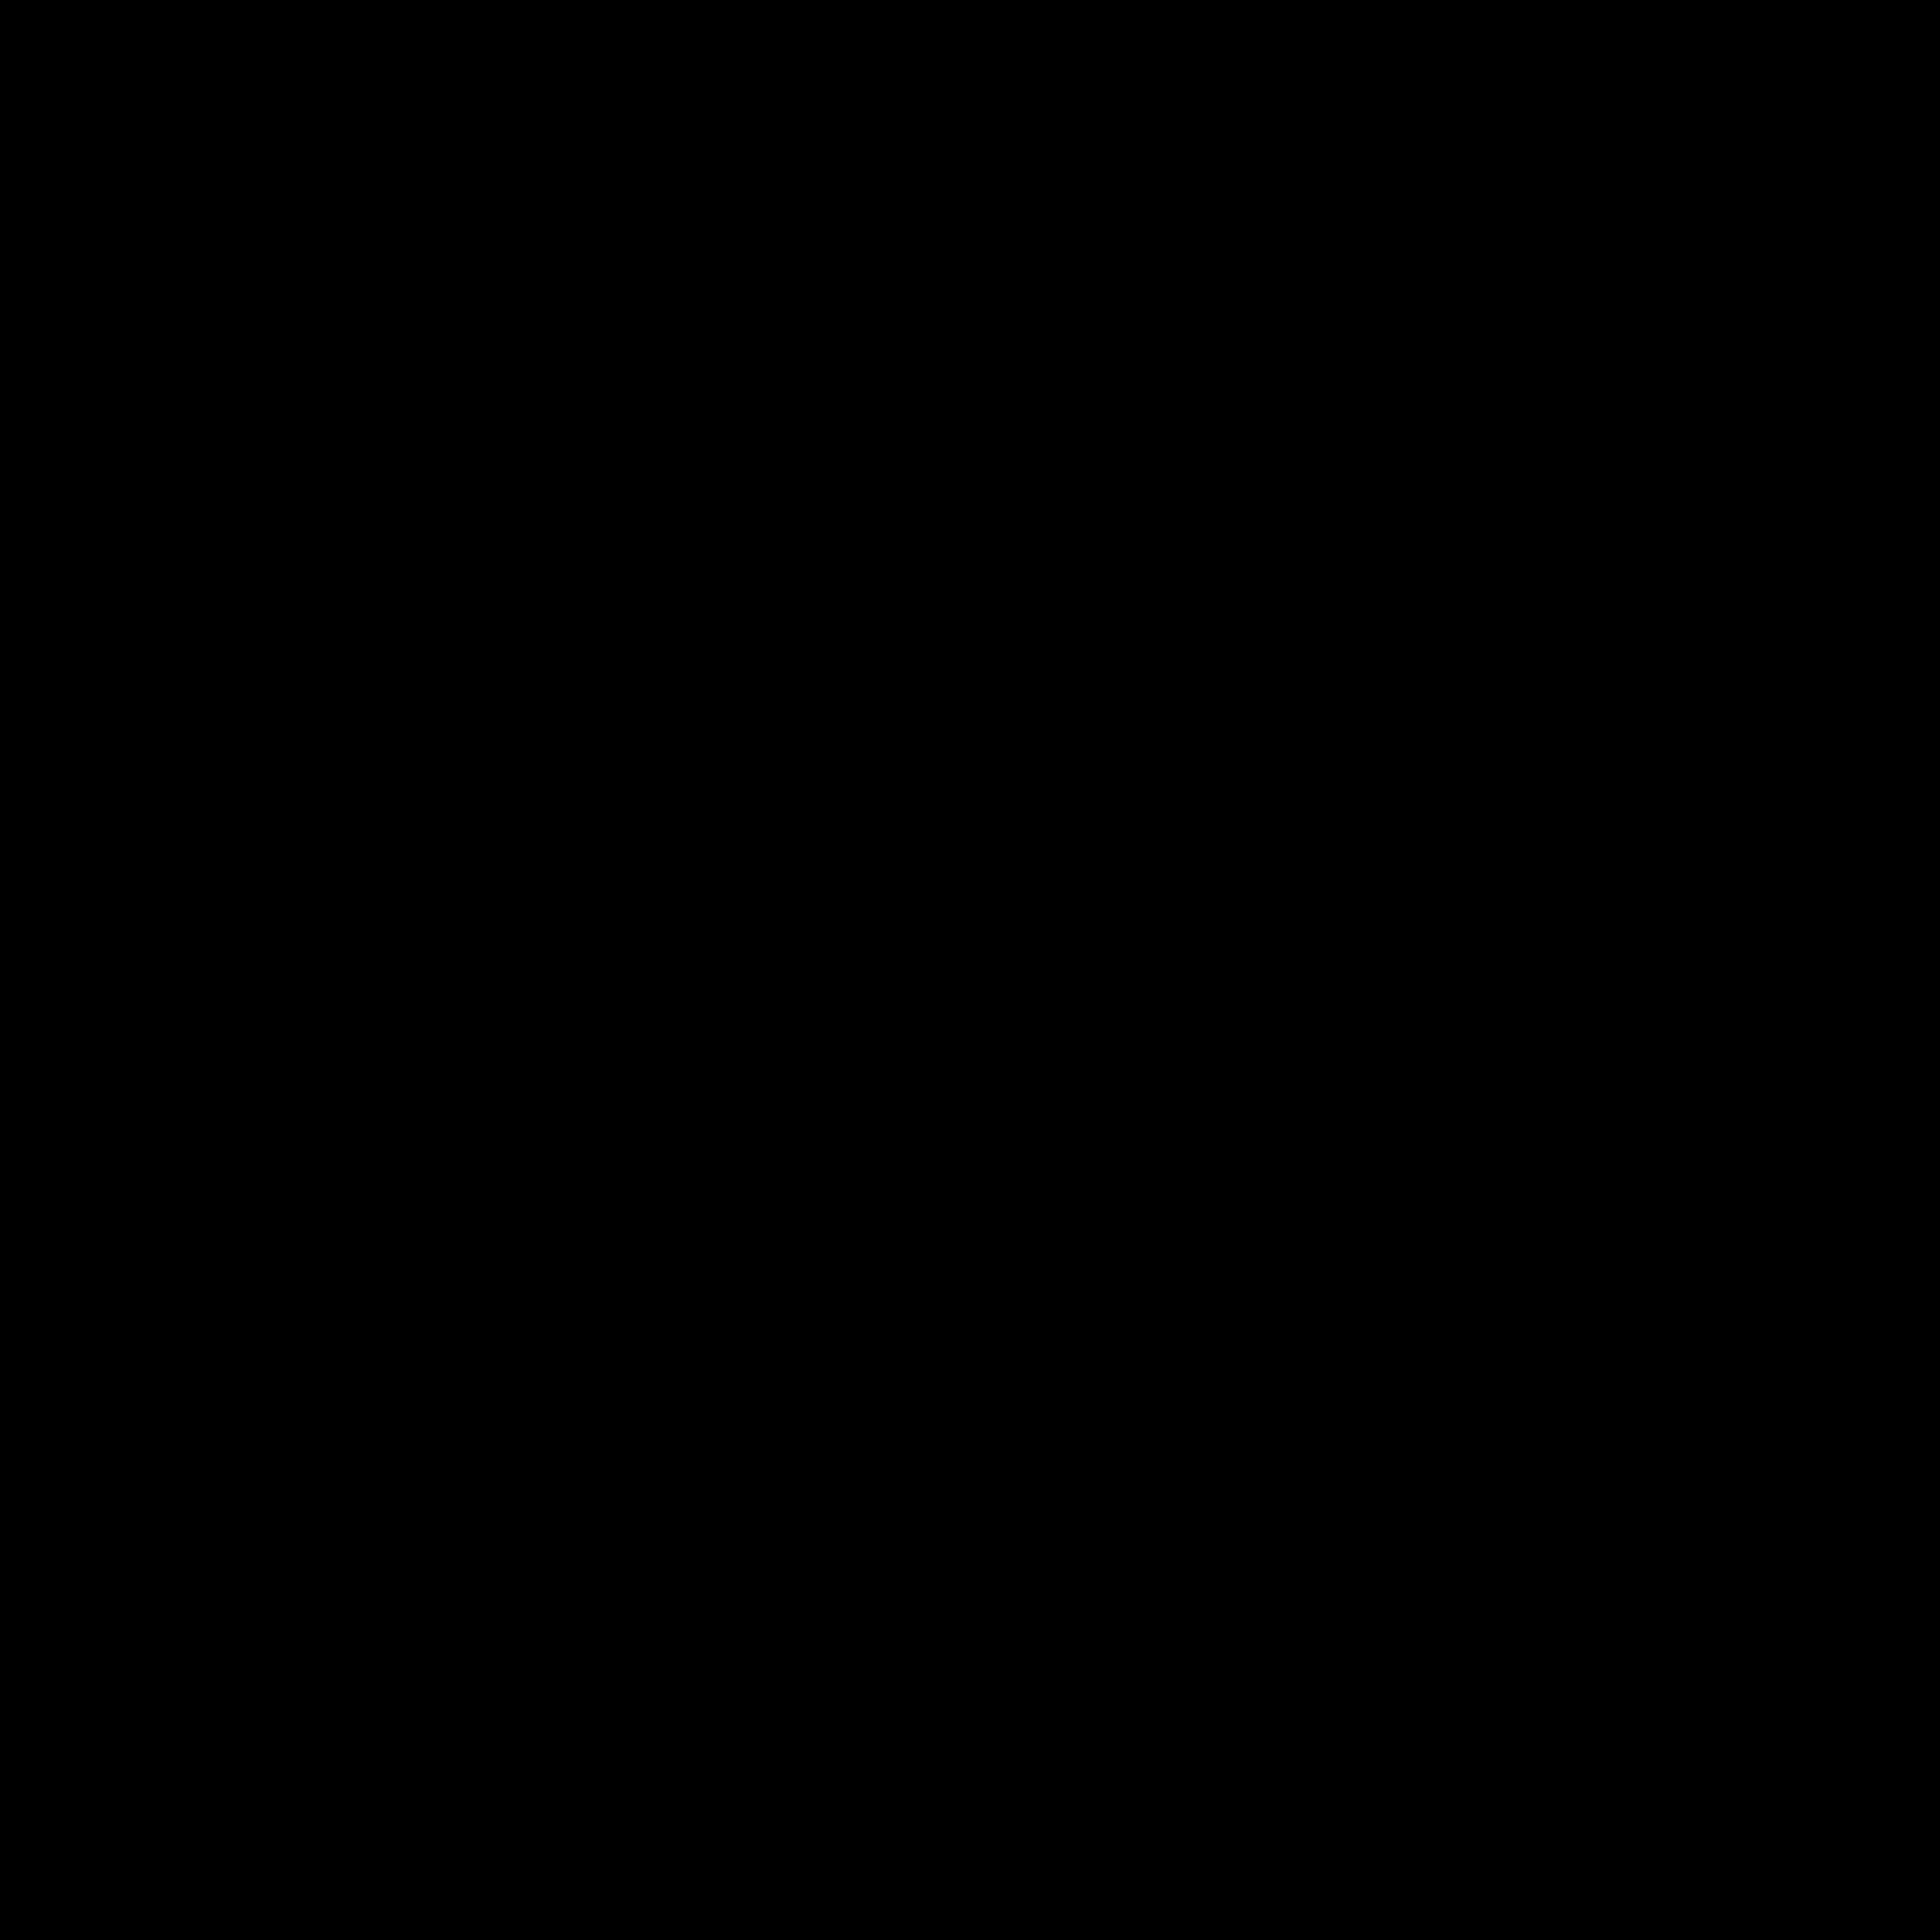 e2-logo-color_2000x2000px-01